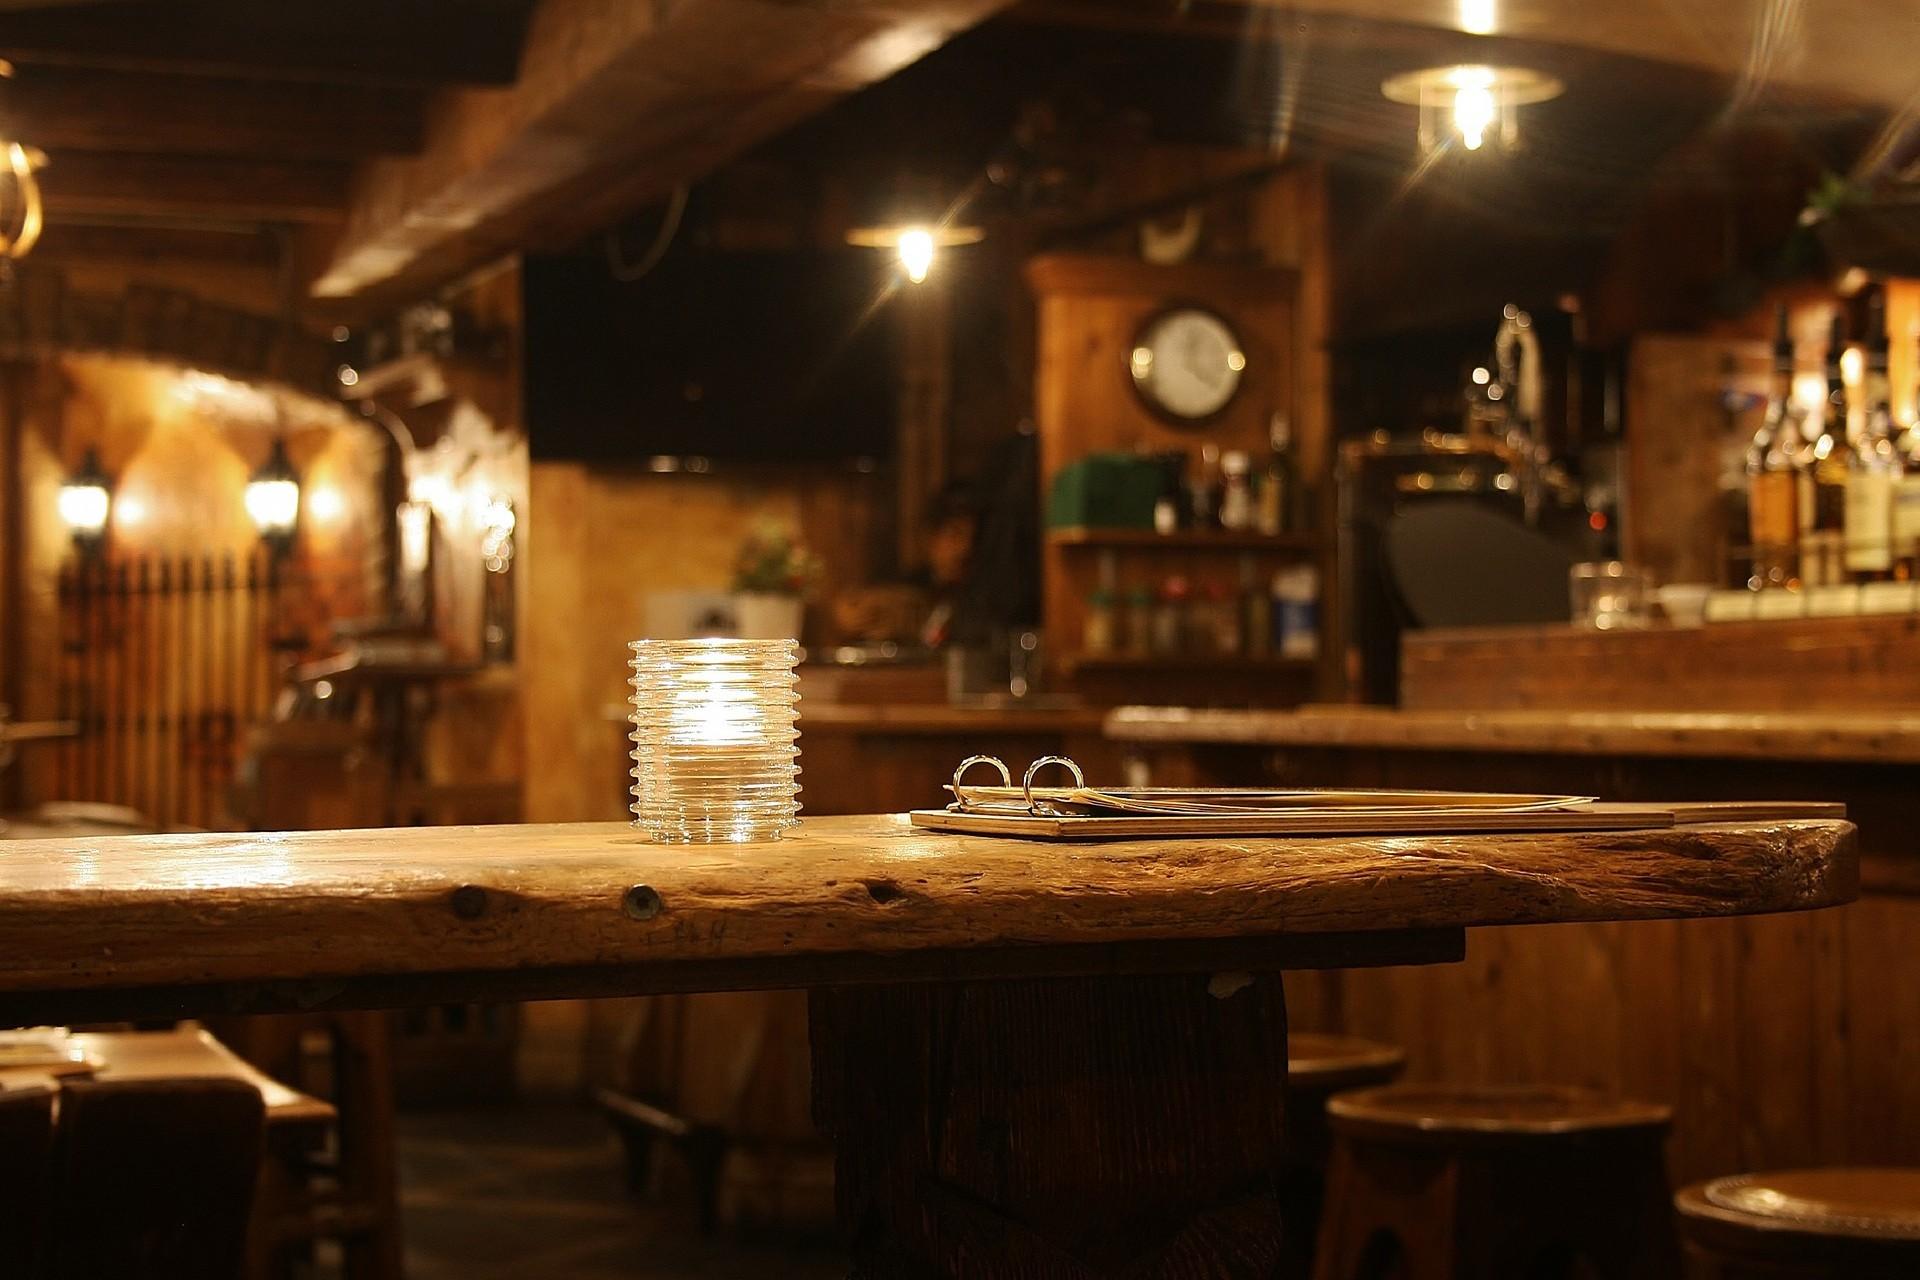 Bir barın iç mekan görüntüsü.